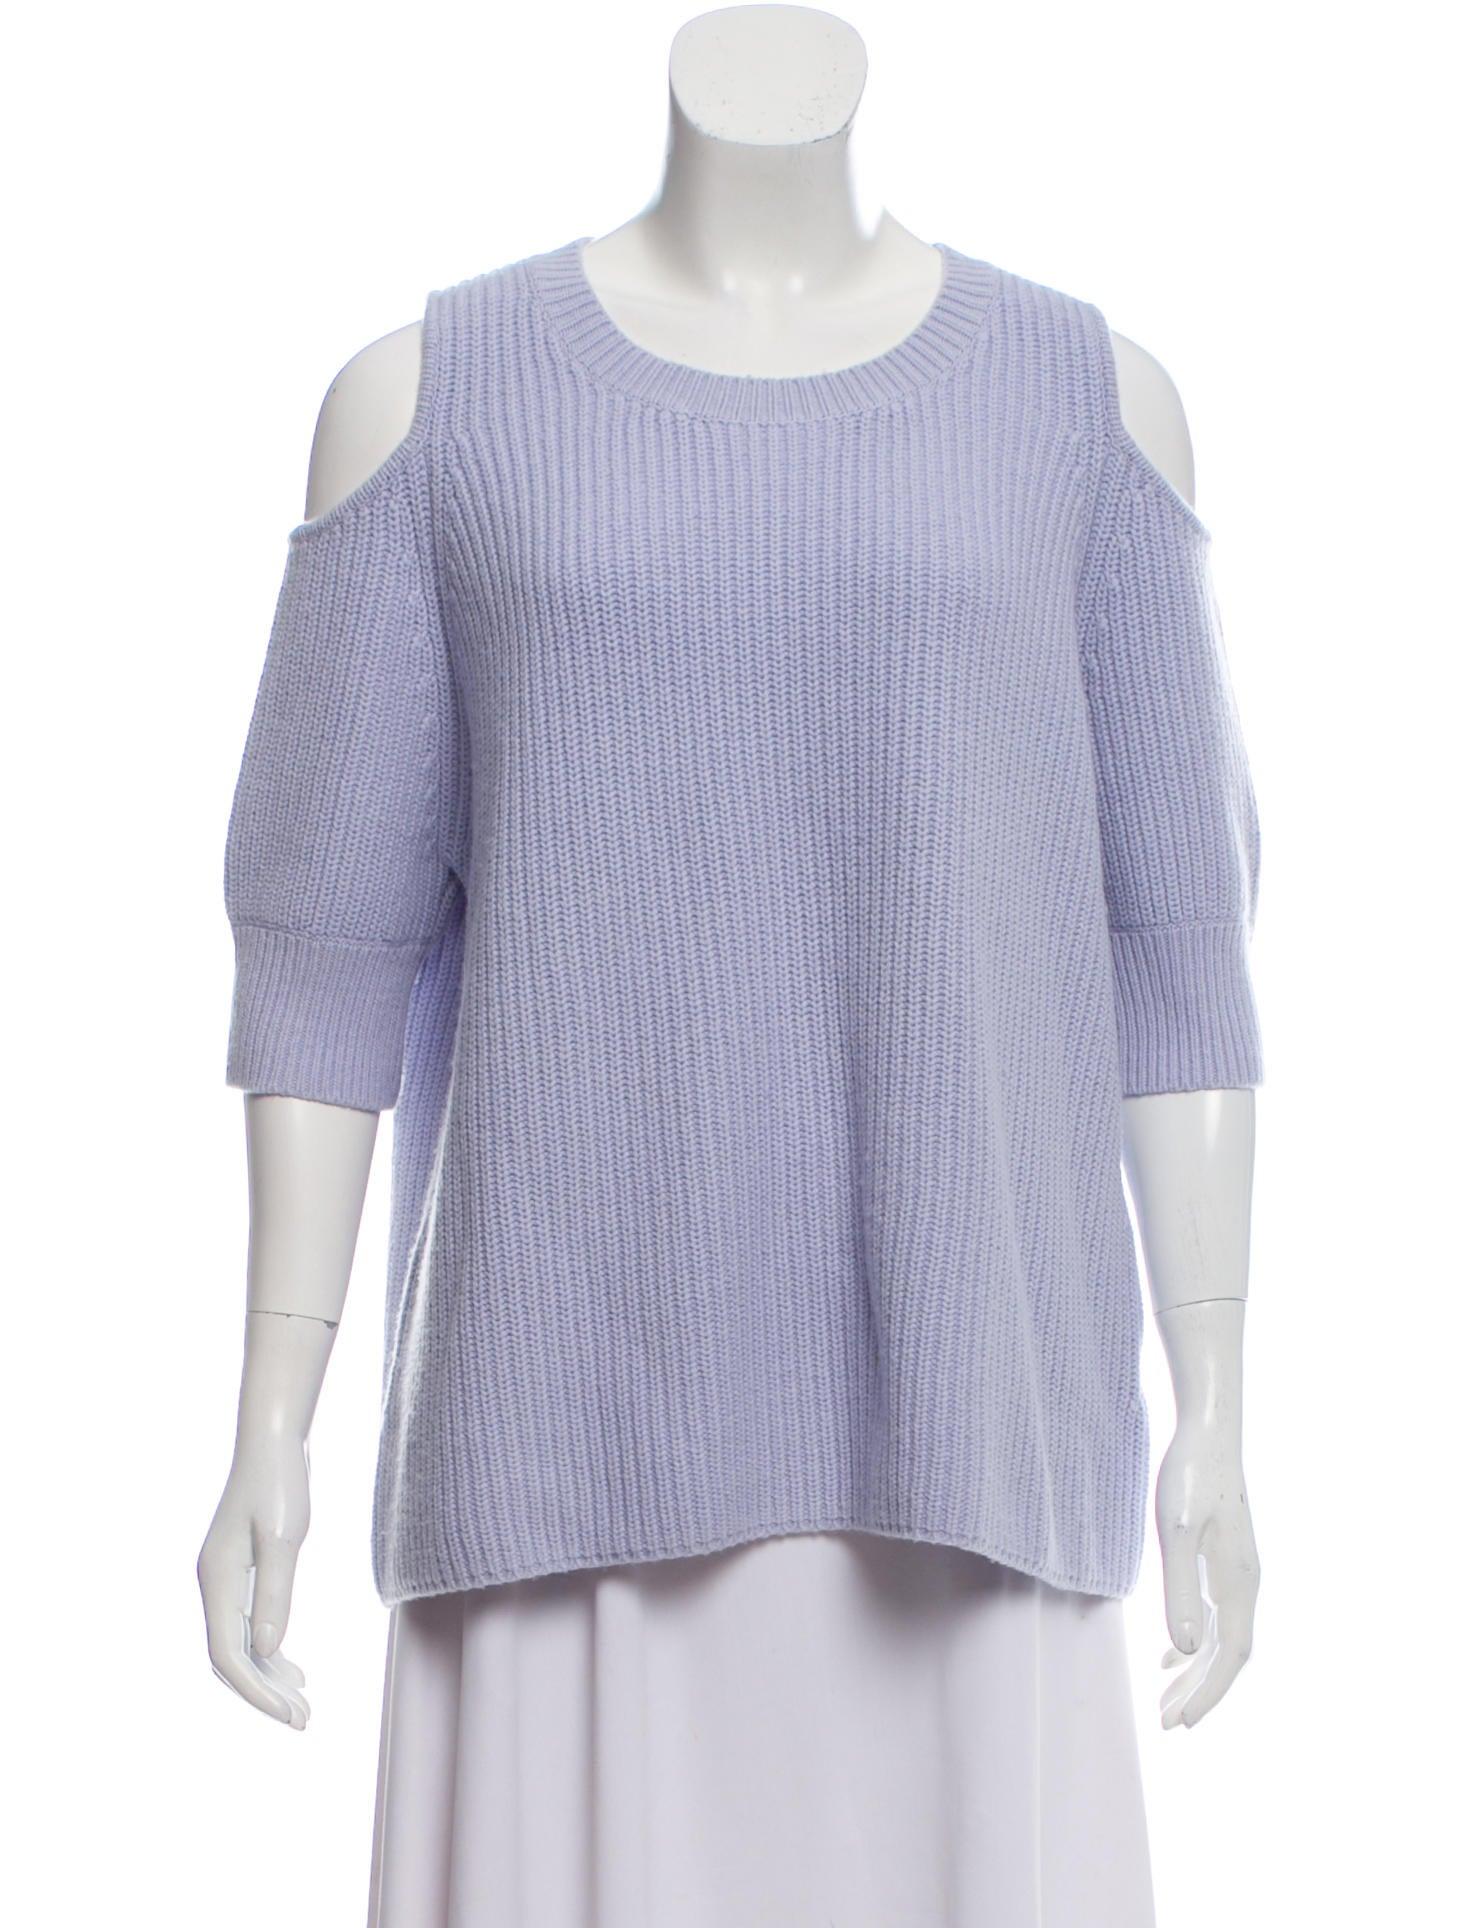 722071c5e6e Zoë Jordan Wool Cold-Shoulder Sweater - Clothing - WZOJD20086 | The ...